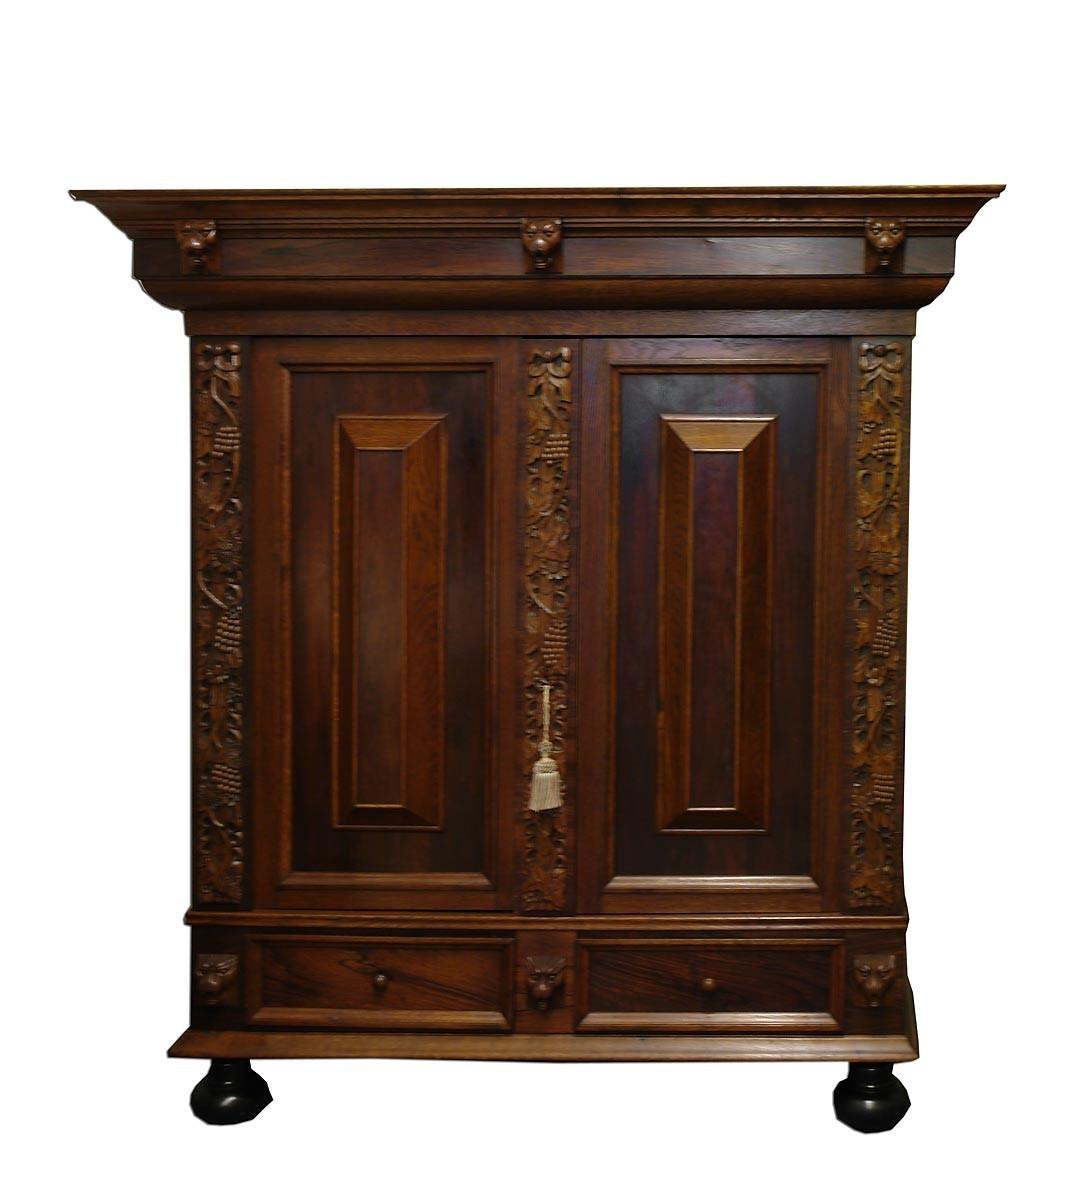 schrank kleiderschrank dielenschrank neo barock eiche furniert 1409 ebay. Black Bedroom Furniture Sets. Home Design Ideas